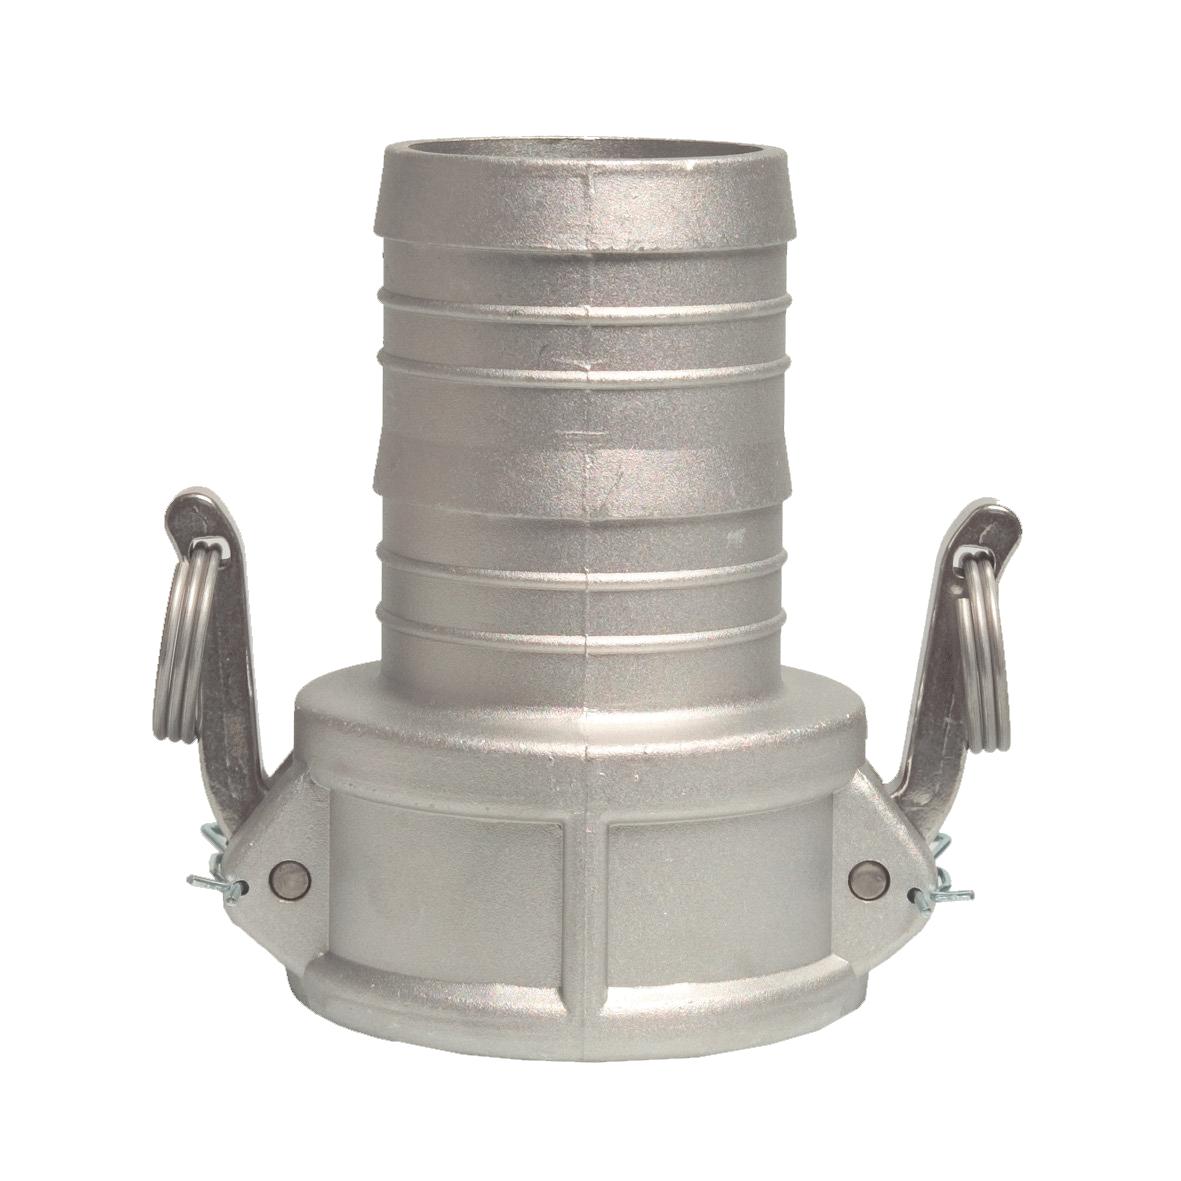 Aluminium snelkoppelingen type Kamlock